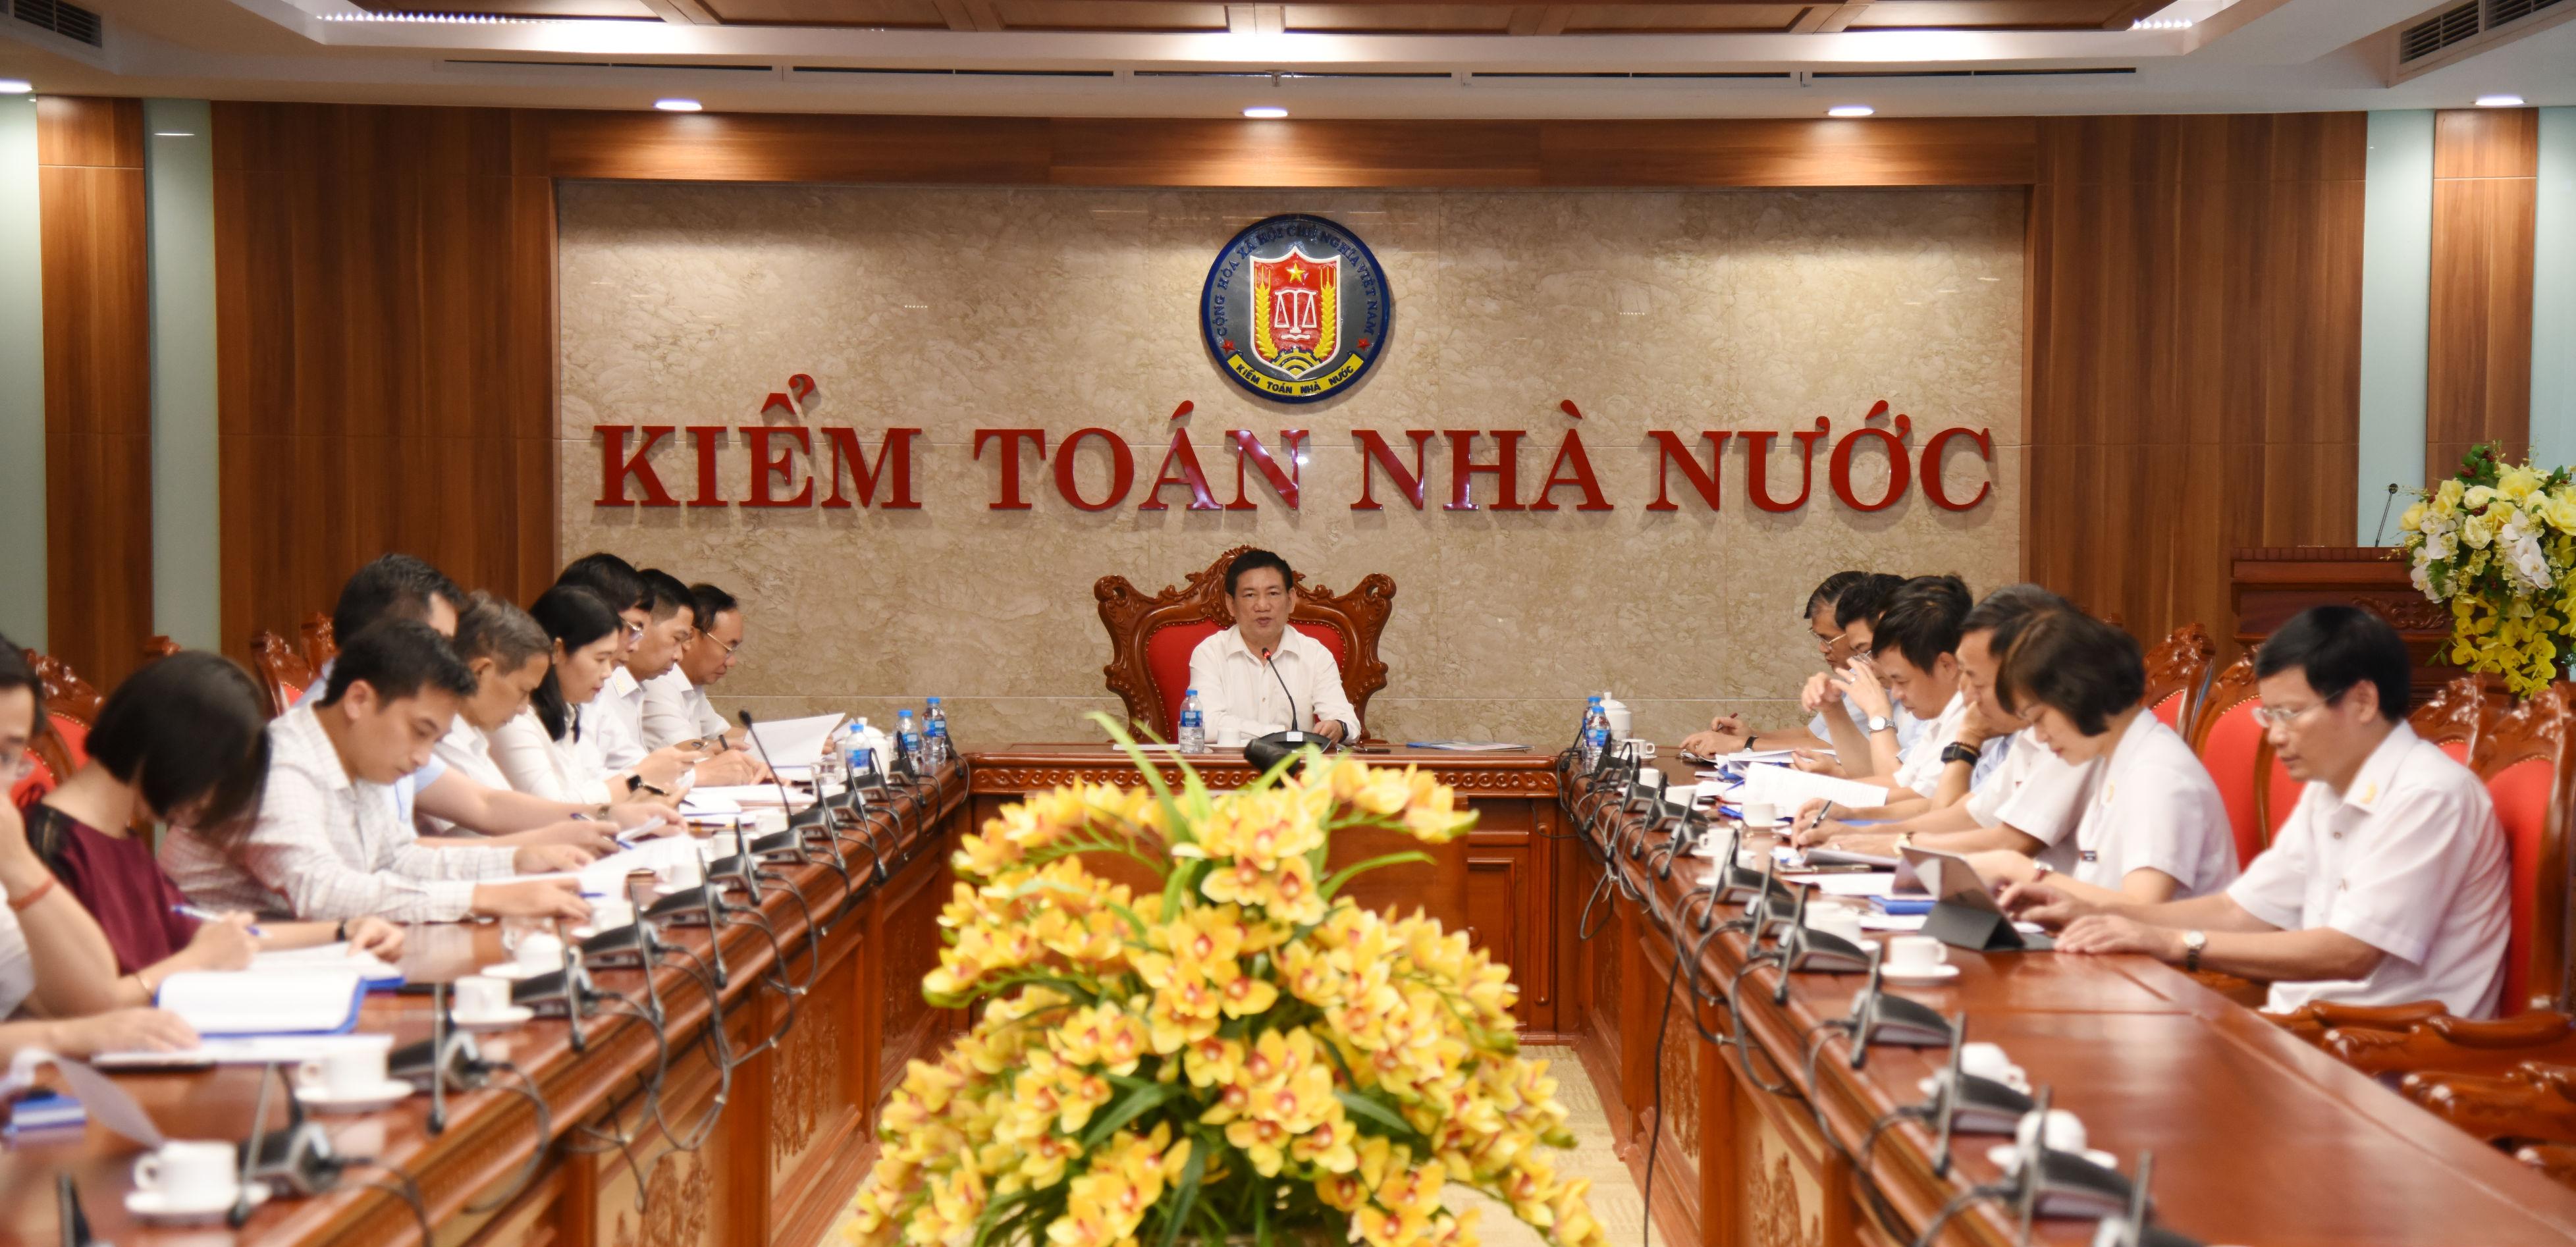 Hoàn thiện Dự thảo Chiến lược phát triển KTNN gửi các cơ quan liên quan thẩm định, cho ý kiến